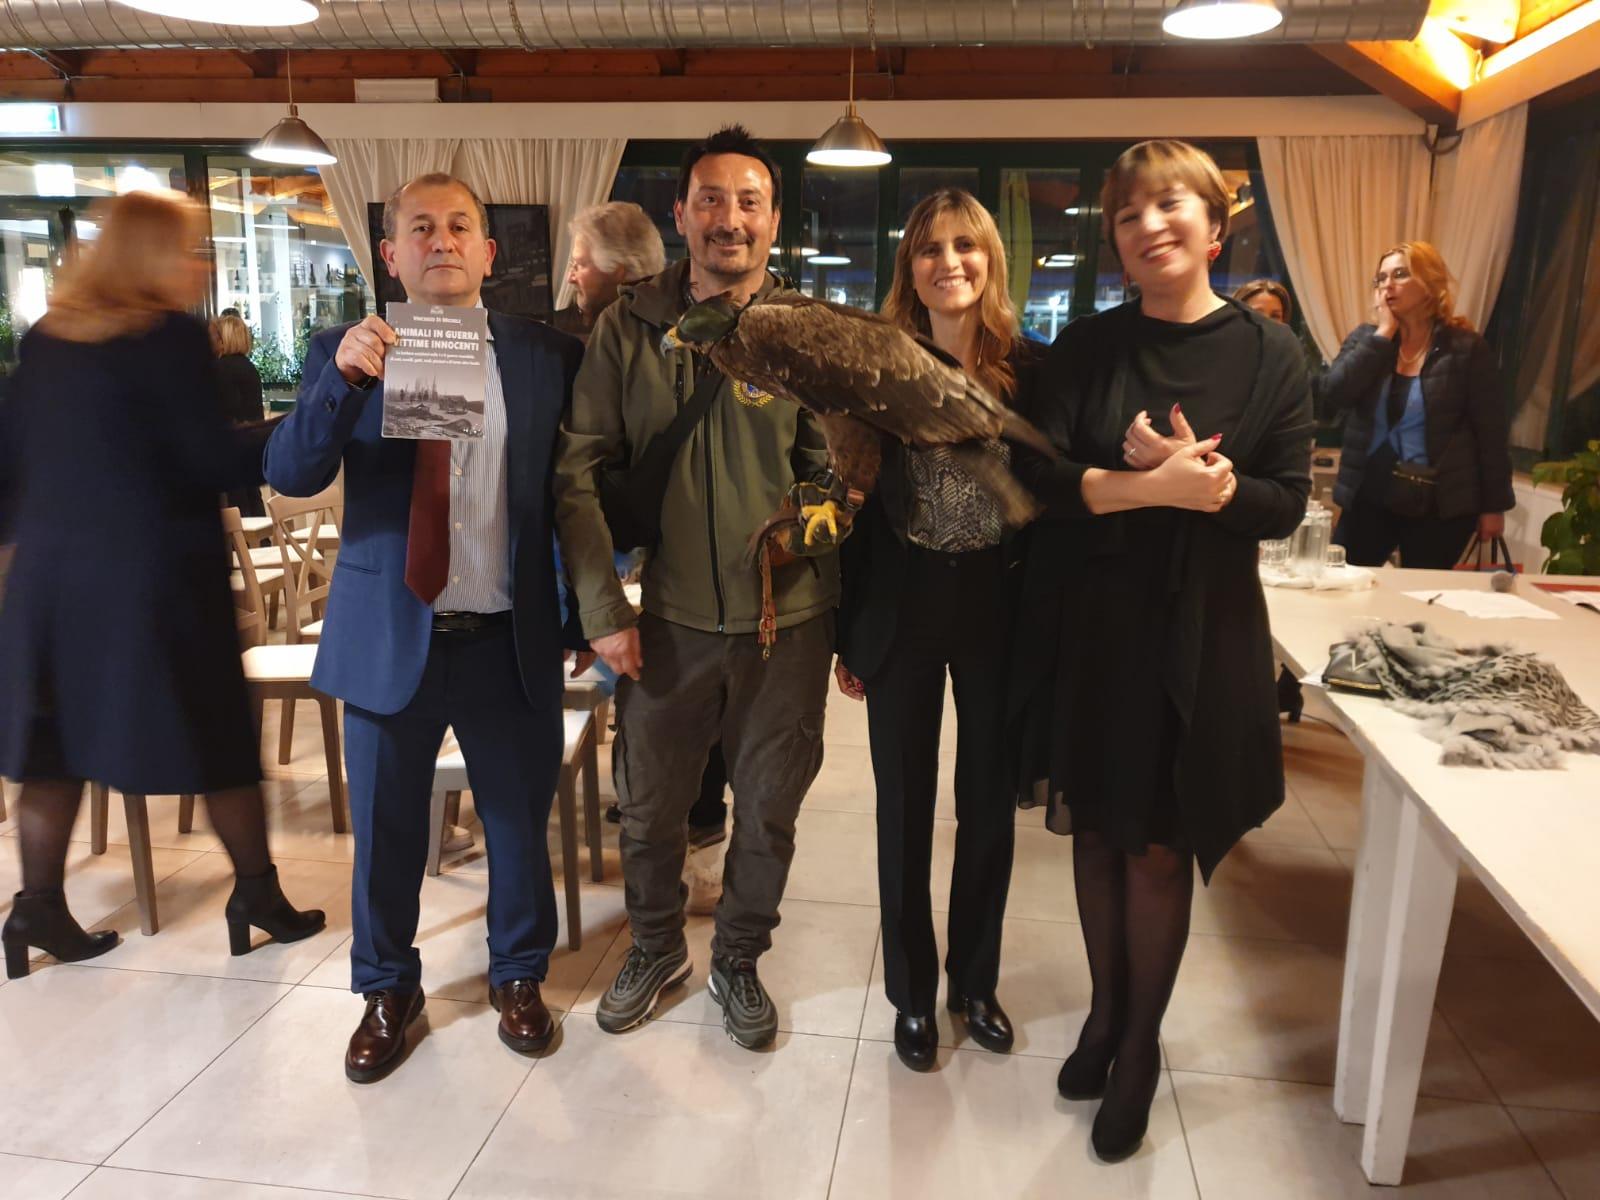 da-sinistra-Vincenzo-Di-Michele-il-falconiere-Maurizio-Alessandrini-Arianna-Pacchiarotti-Laura-Santarelli